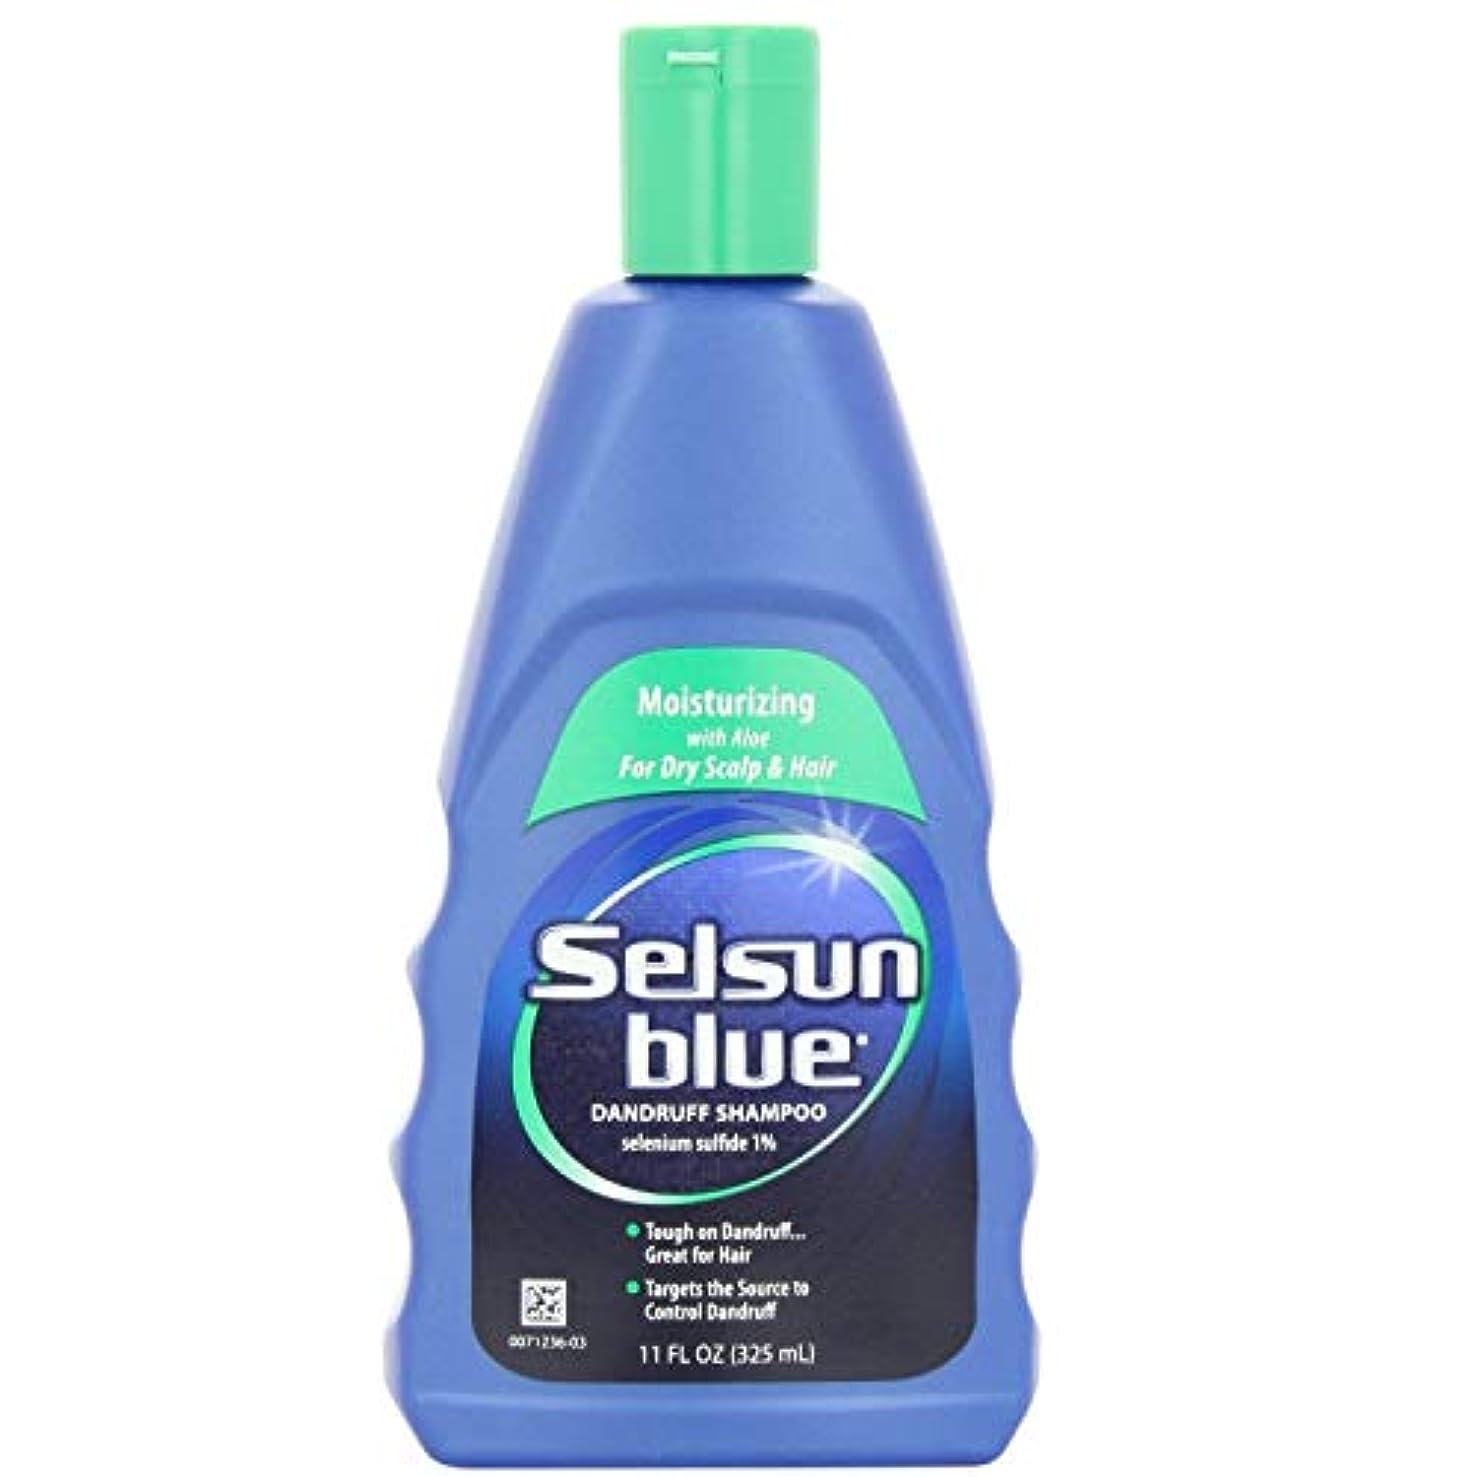 ストレージパステルビュッフェSelsun Blue Dandruff Shampoo, Moisturizing with Aloe for Dry Scalp and Hair, 11 Ounce by Selsun Blue [並行輸入品]